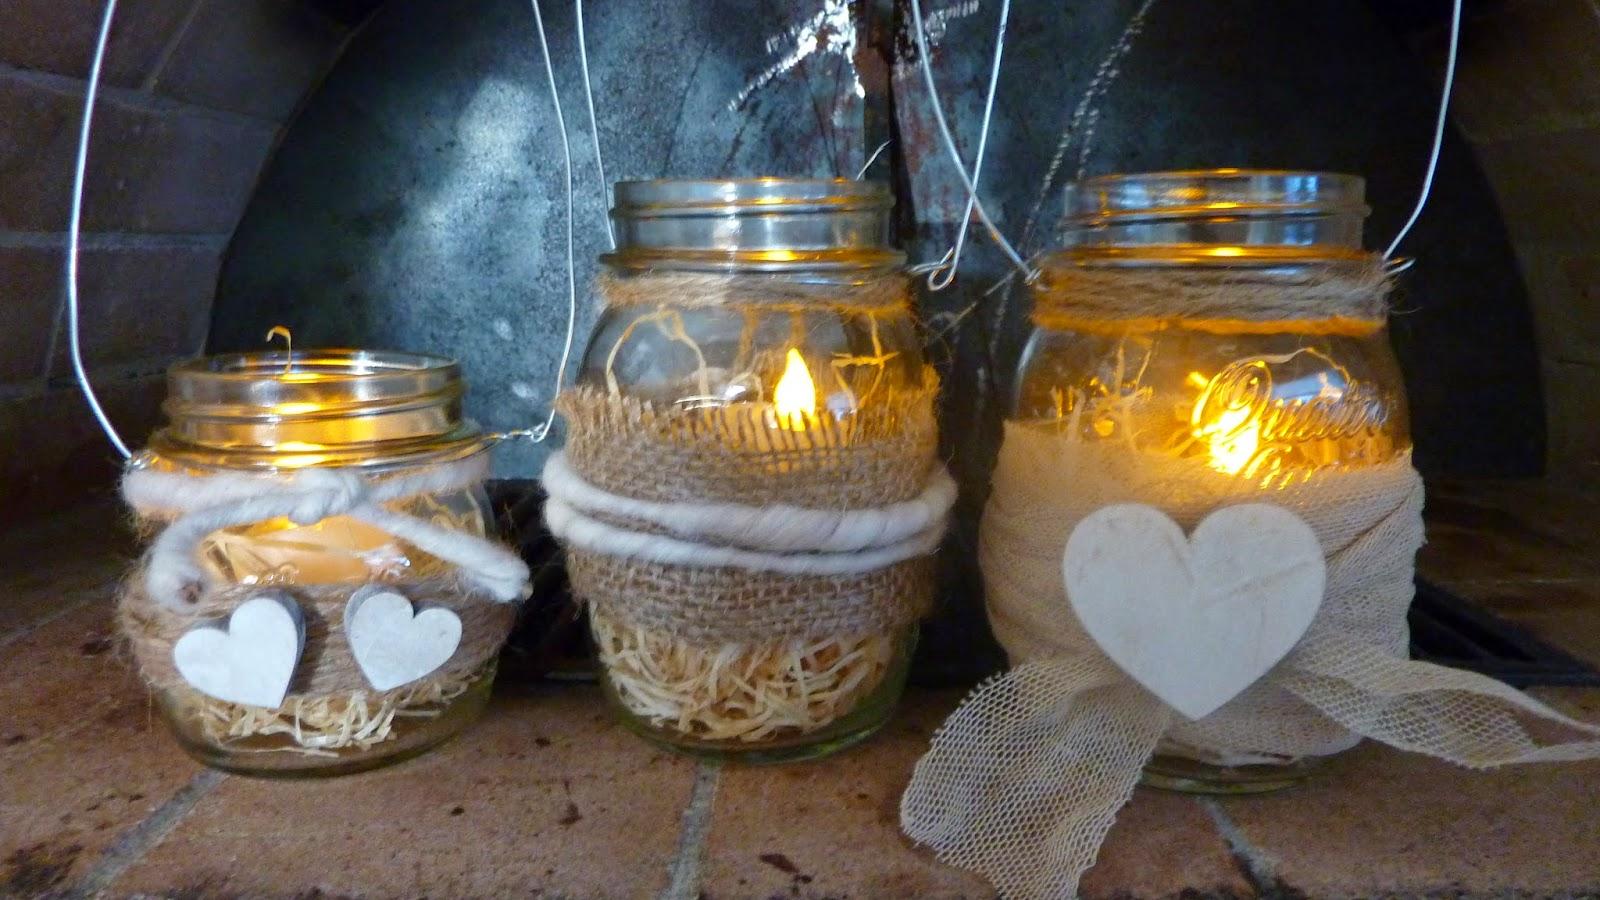 Lanterna romantica fai da te 20 idee per la san valentino for Fai da te disegni architettonici